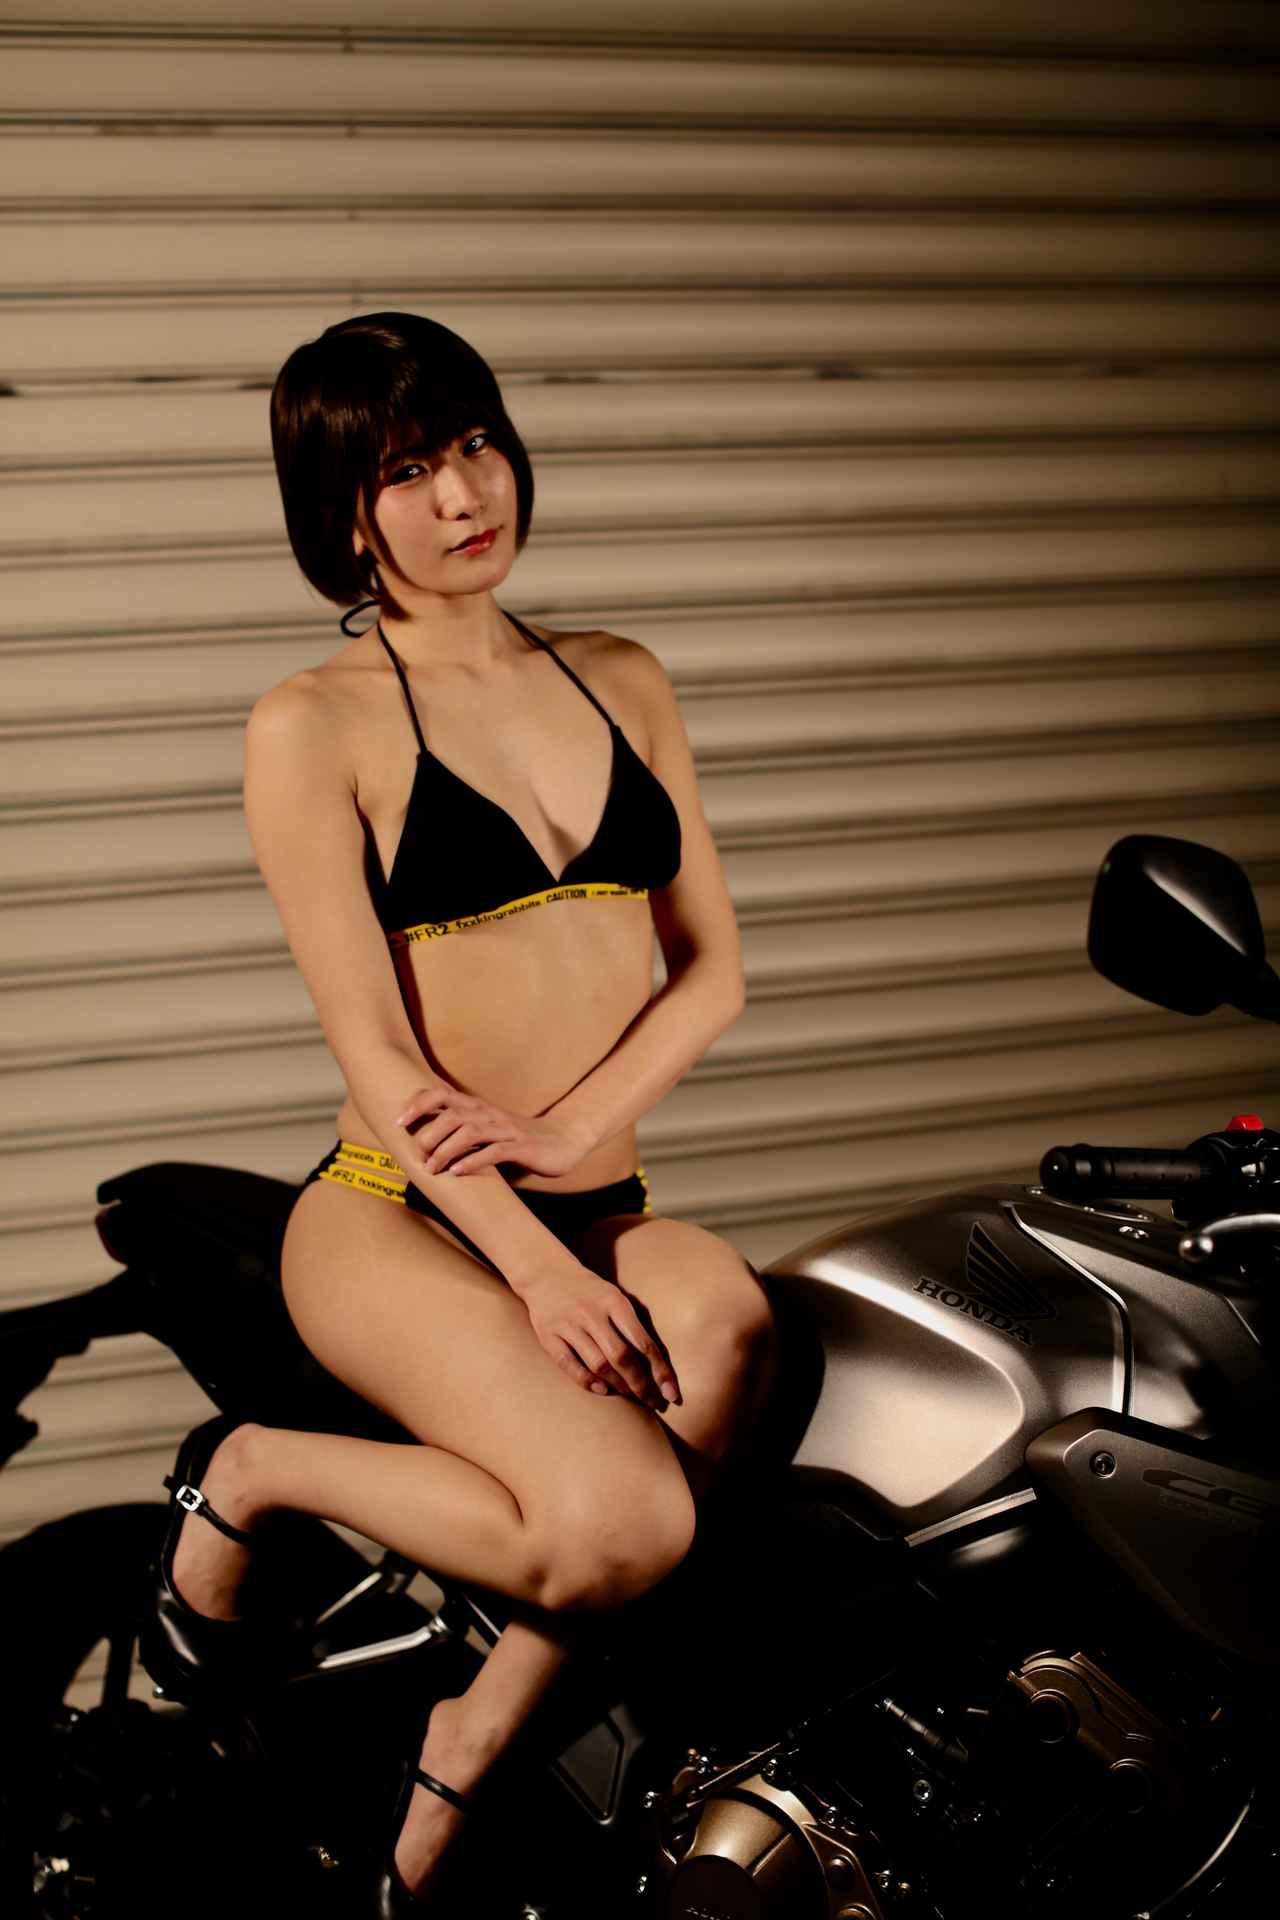 【バイク】乗り物と美女フェチ【オートバイ】 [無断転載禁止]©bbspink.comYouTube動画>3本 ->画像>114枚